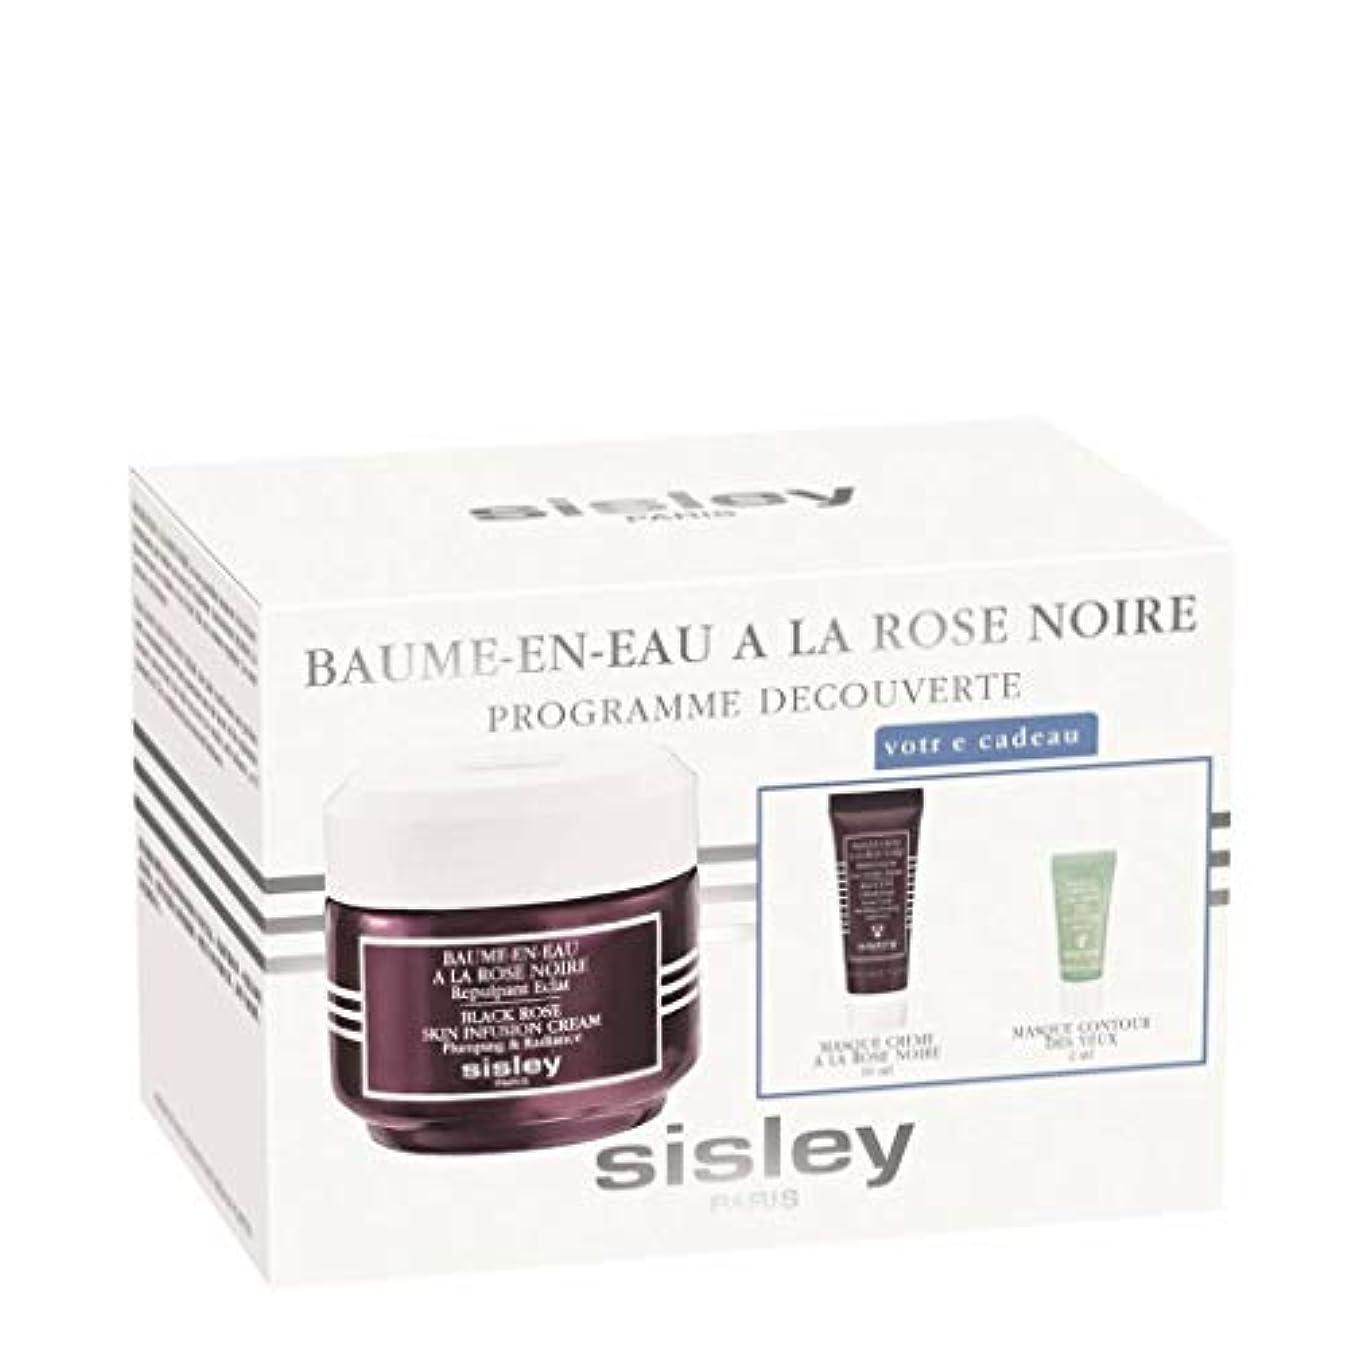 すぐに日曜日知らせるシスレー Black Rose Skin Infusion Cream Discovery Program: Black Rose Skin Infusion Cream 50ml+Black Rose Cream Mask...